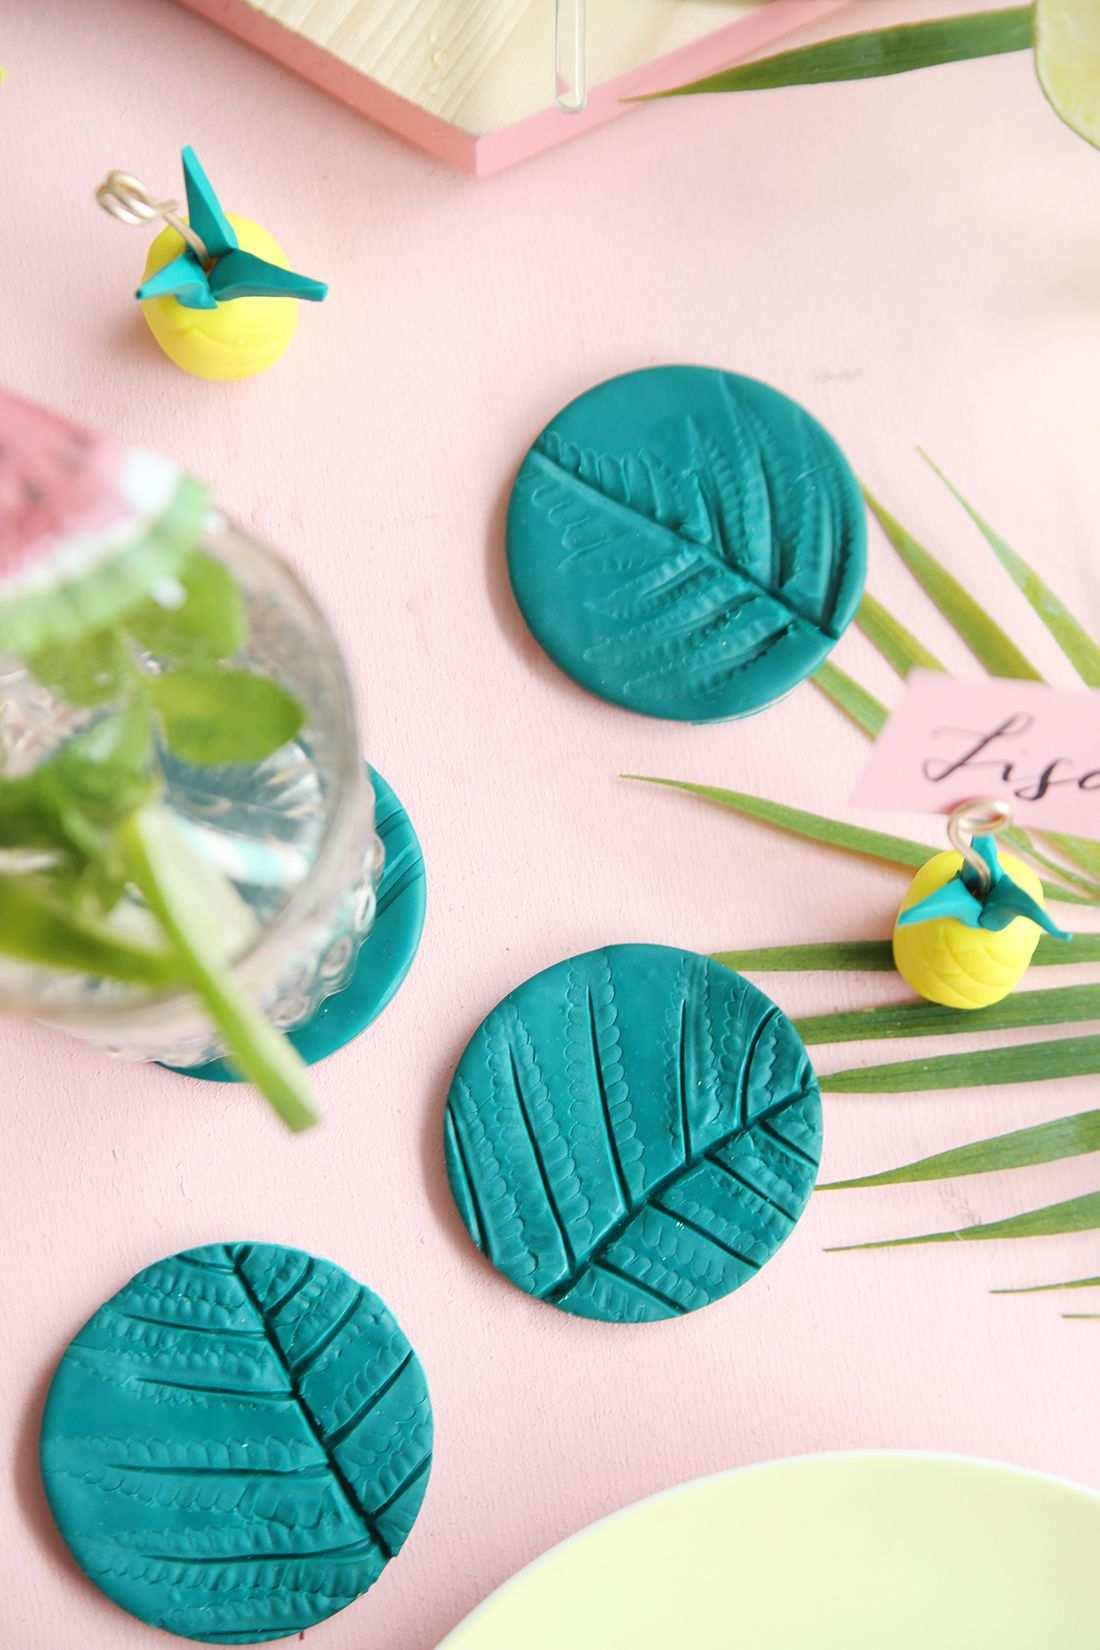 Diy Palmblatt Untersetzer Als Tischdeko Aus Fimo Selbermachen Basteln Und Selbermachen Diy Geschenke Selber Machen Fimo